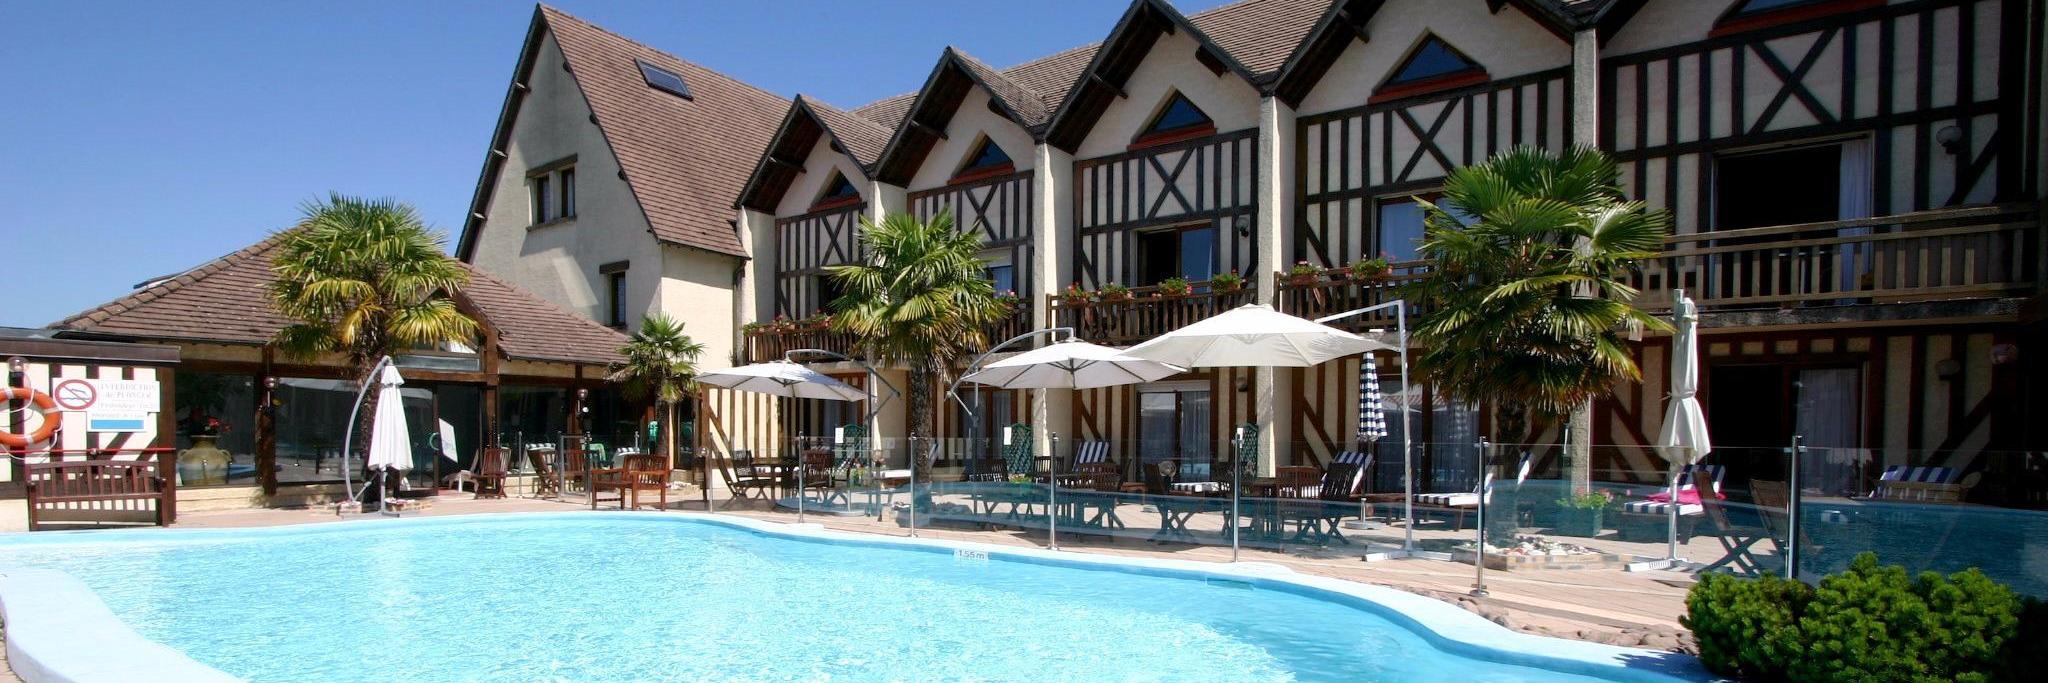 Hotel Saint Gatien Des Bois - Hotel Saint Gatien Des Bois u2013 Myqto com